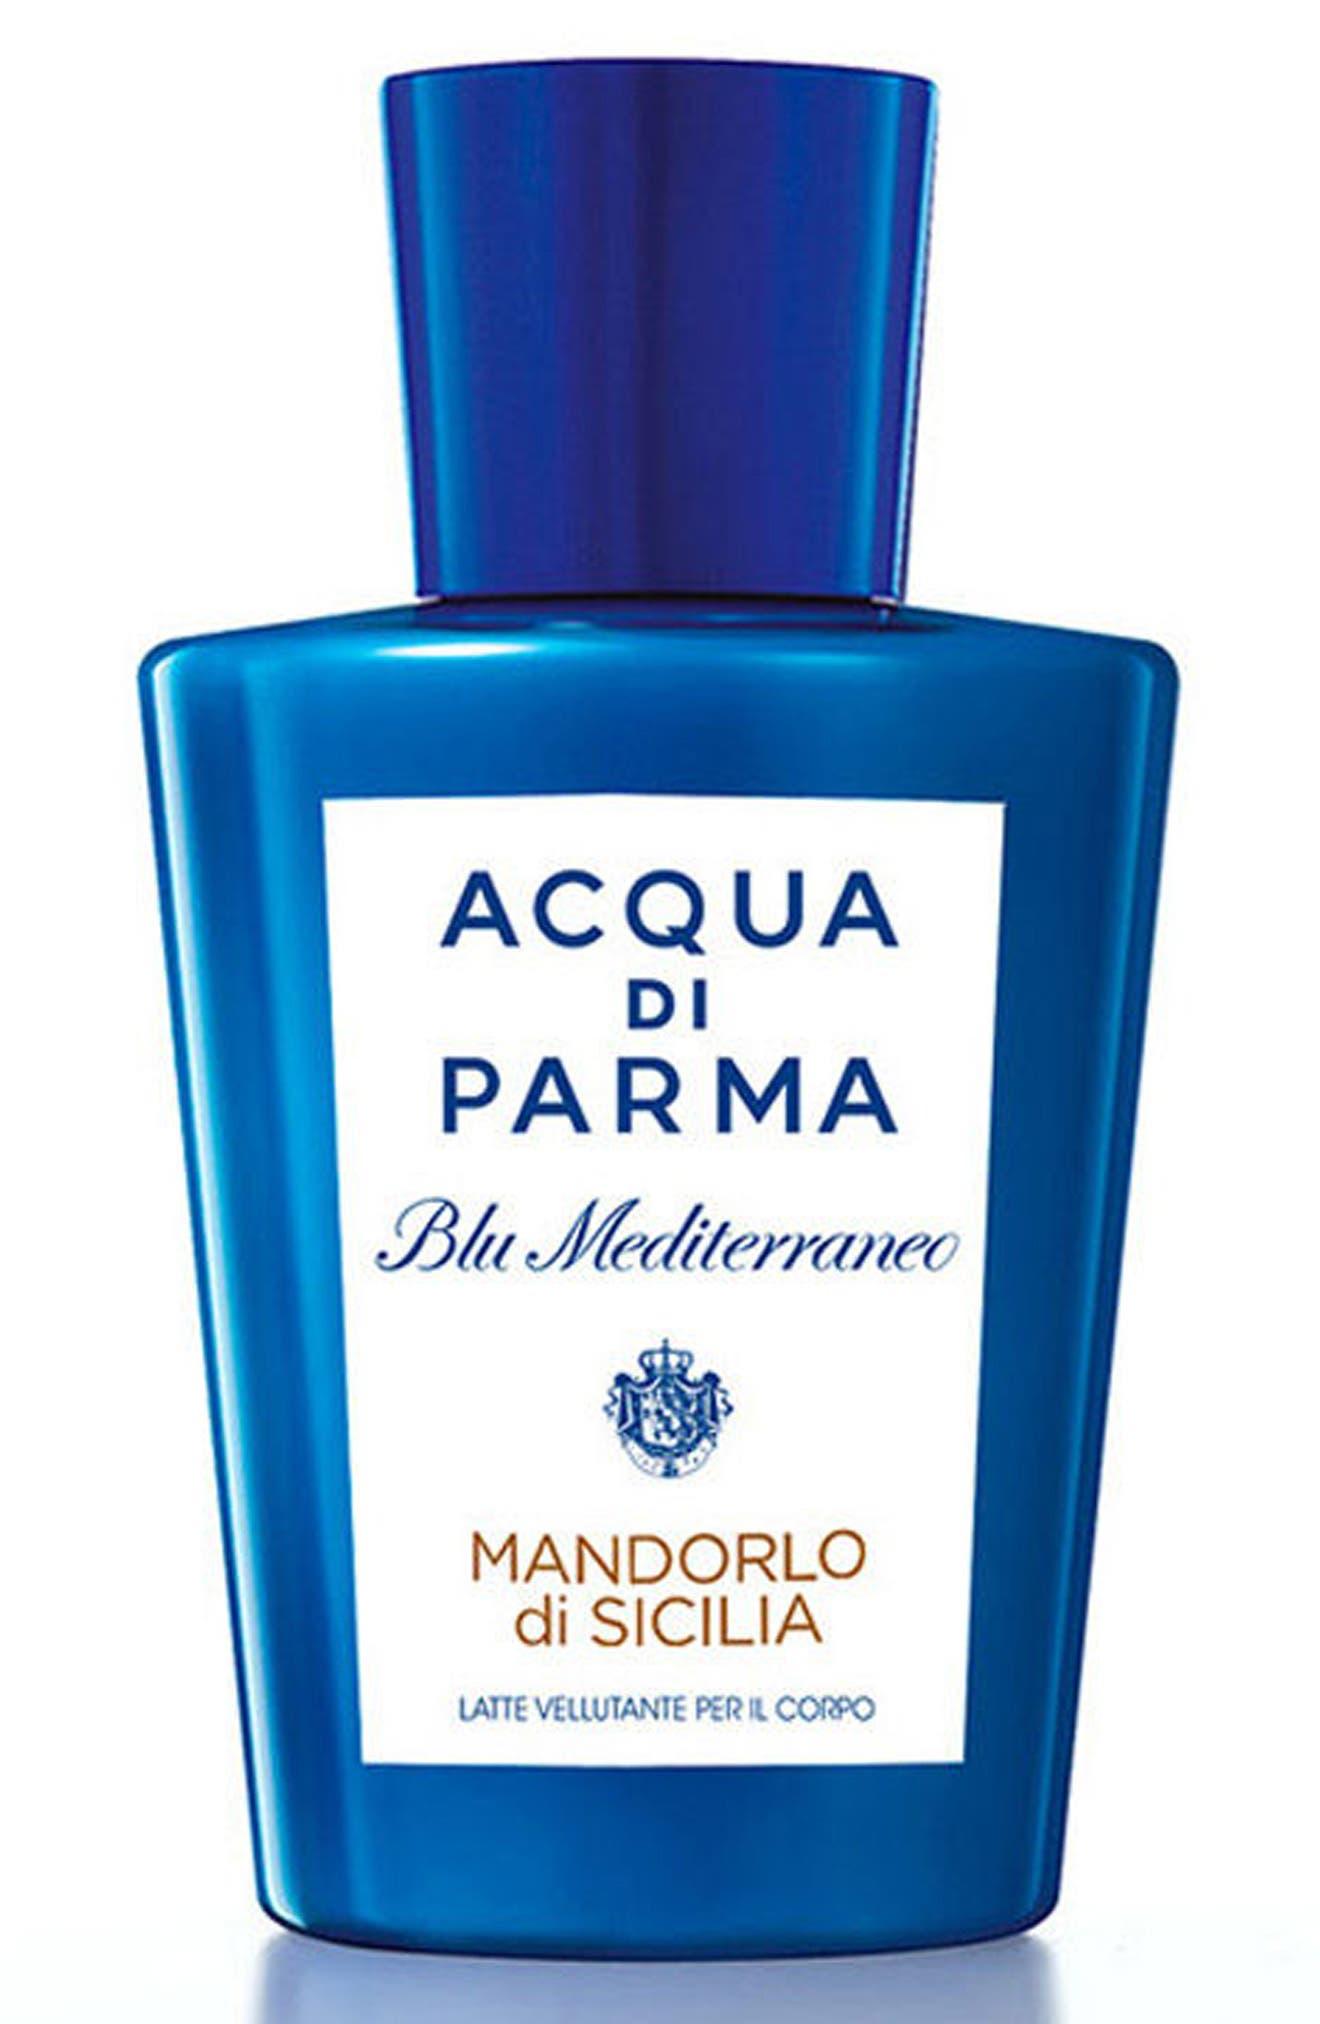 Alternate Image 1 Selected - Acqua di Parma 'Blu Mediterraneo' Mandorolo di Sicilia Body Lotion